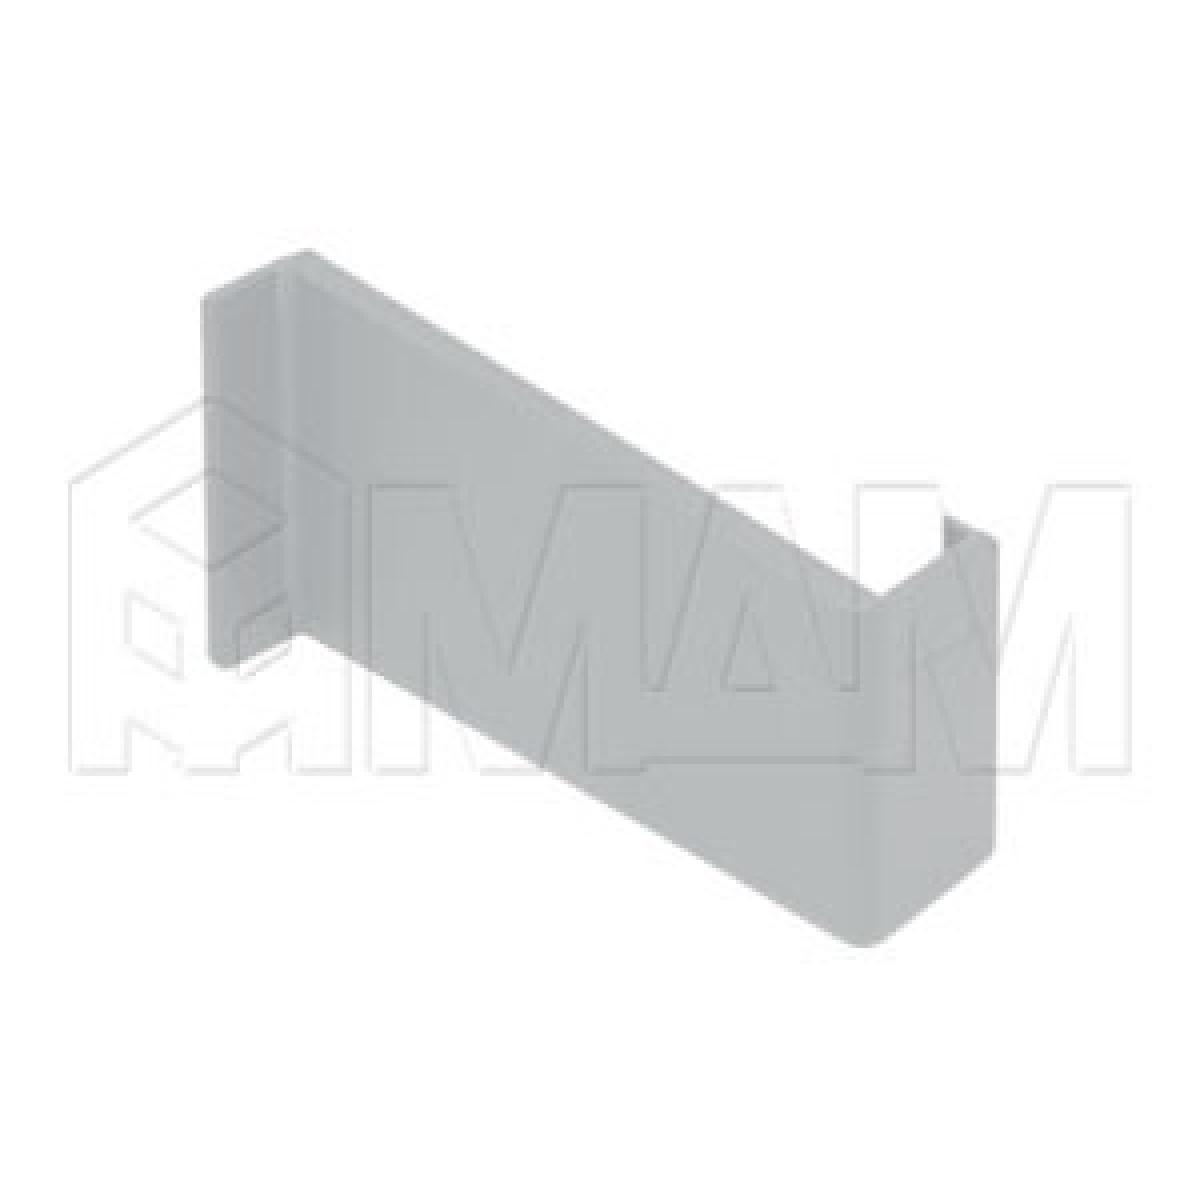 806 Заглушка для мебельного навеса, пластик, белая, правая